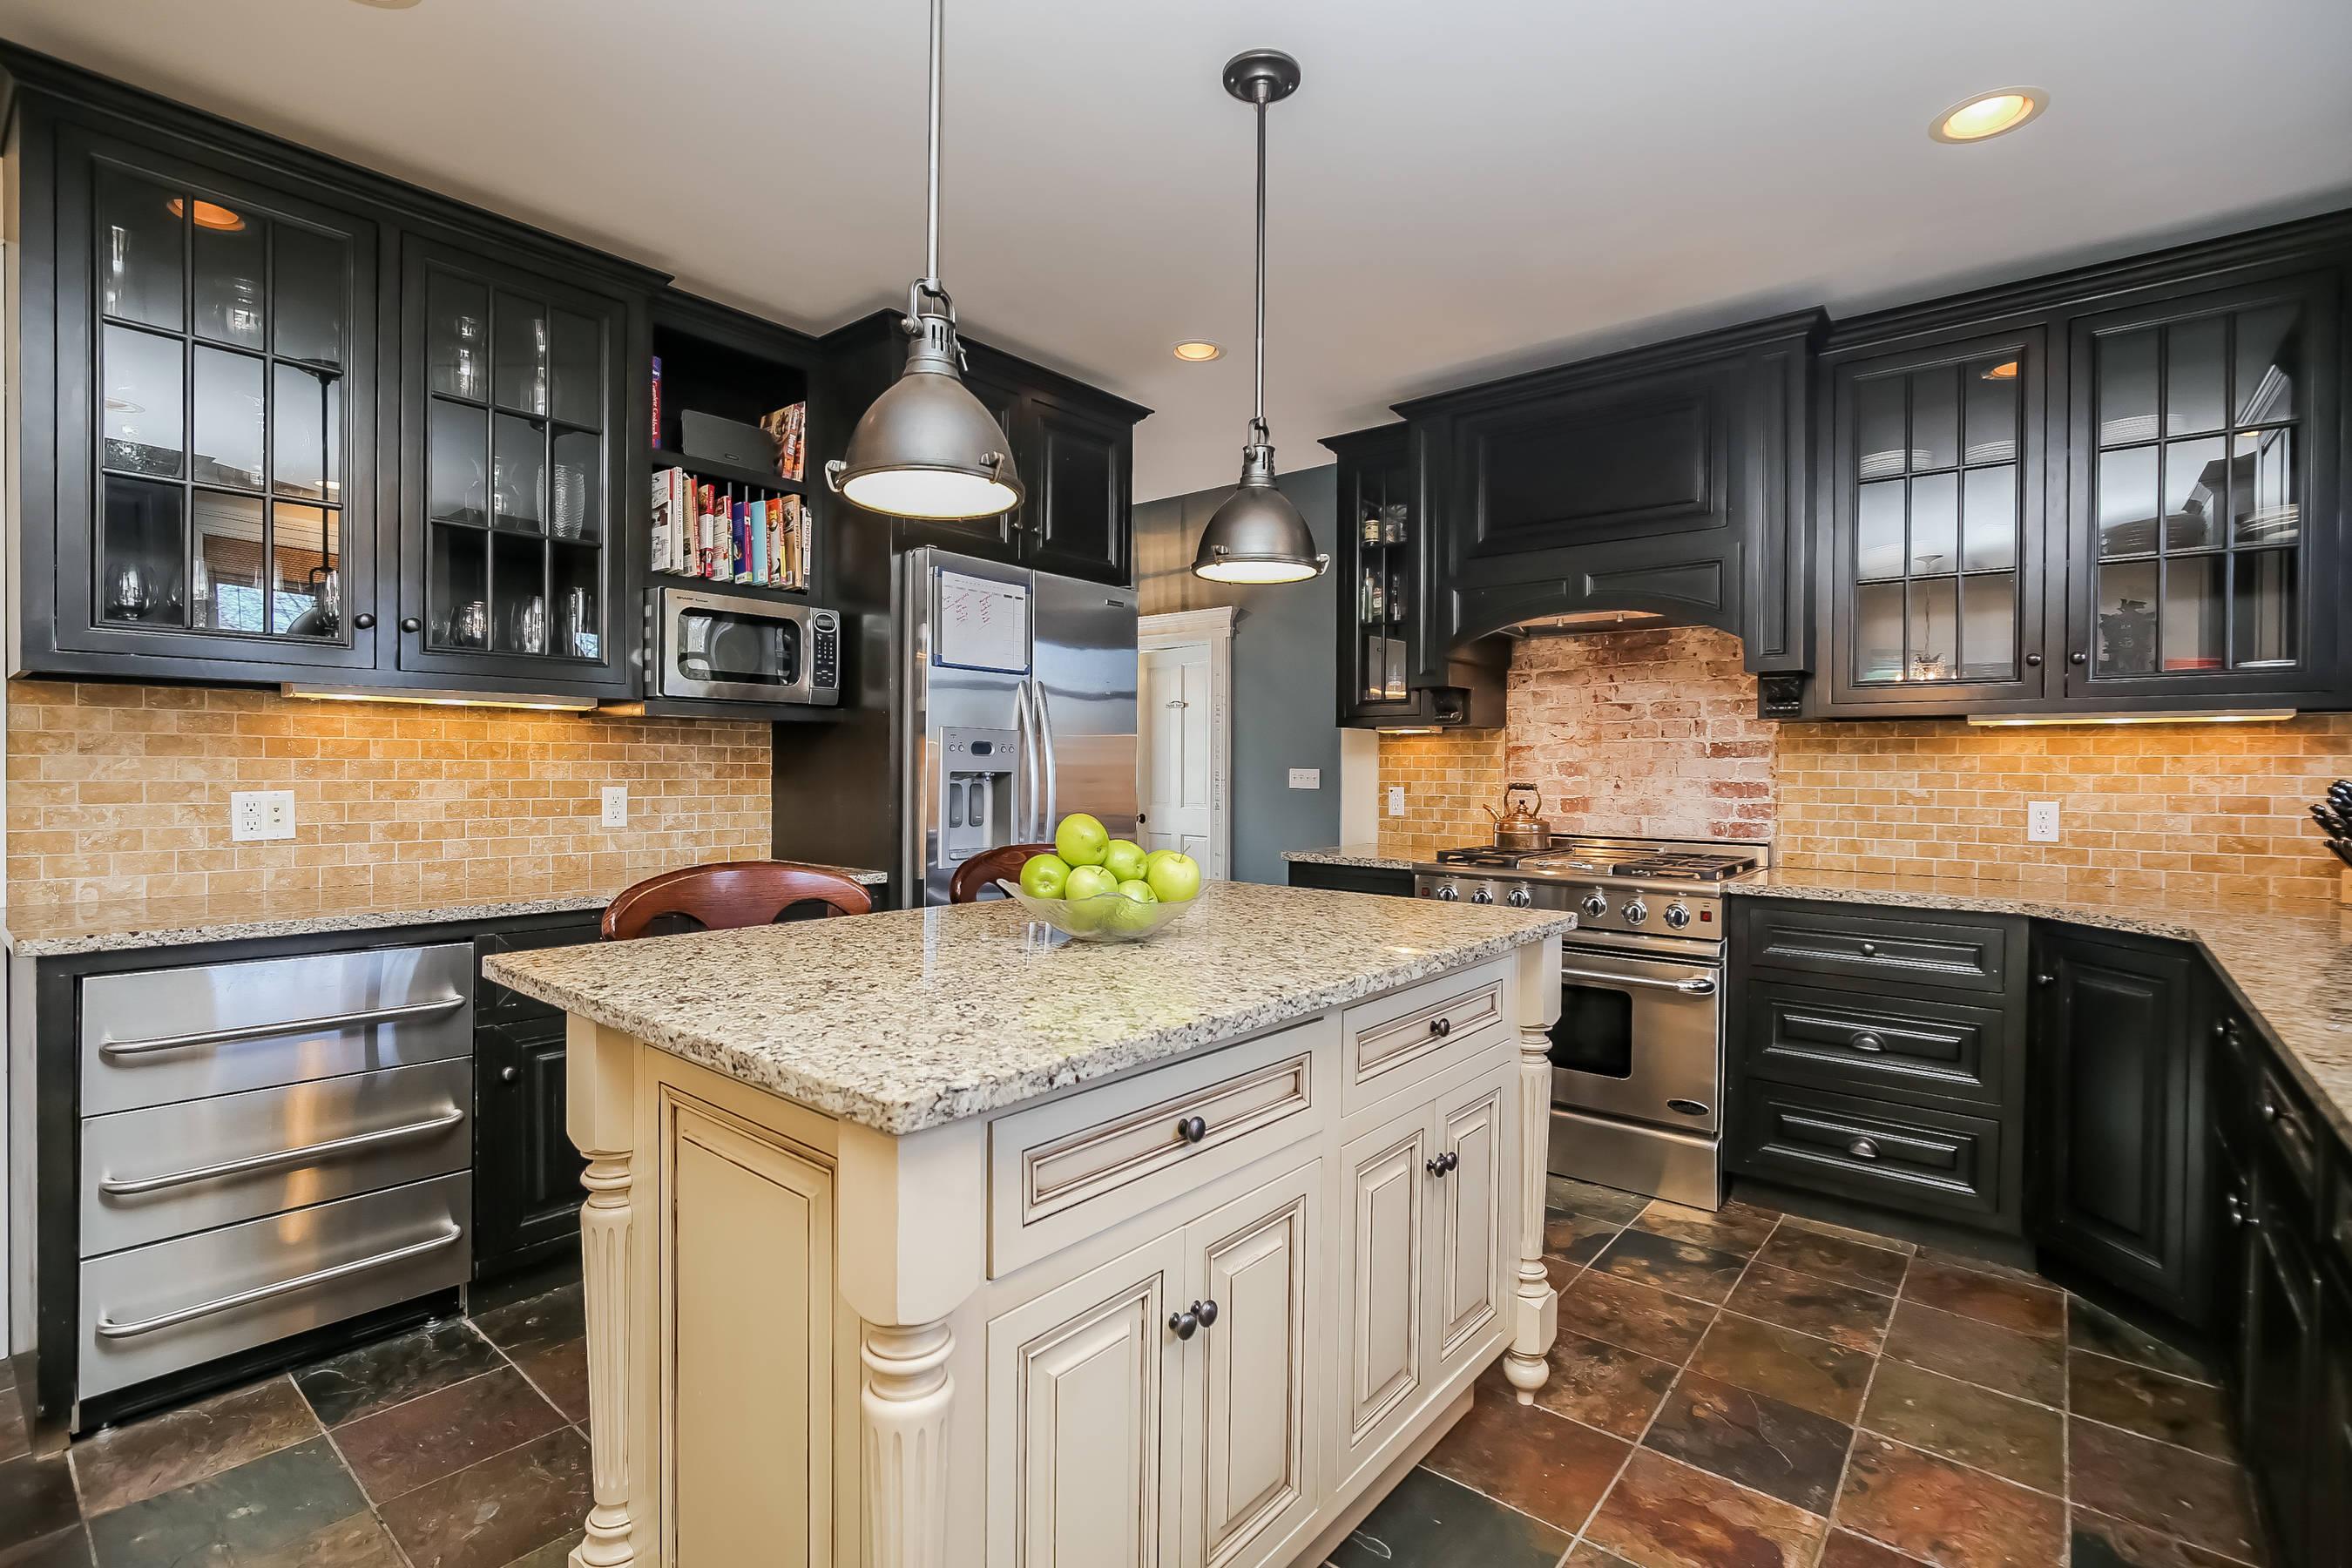 Kitchen cabinets summit nj - 11_blackburnrd_kitchen_web Jpg